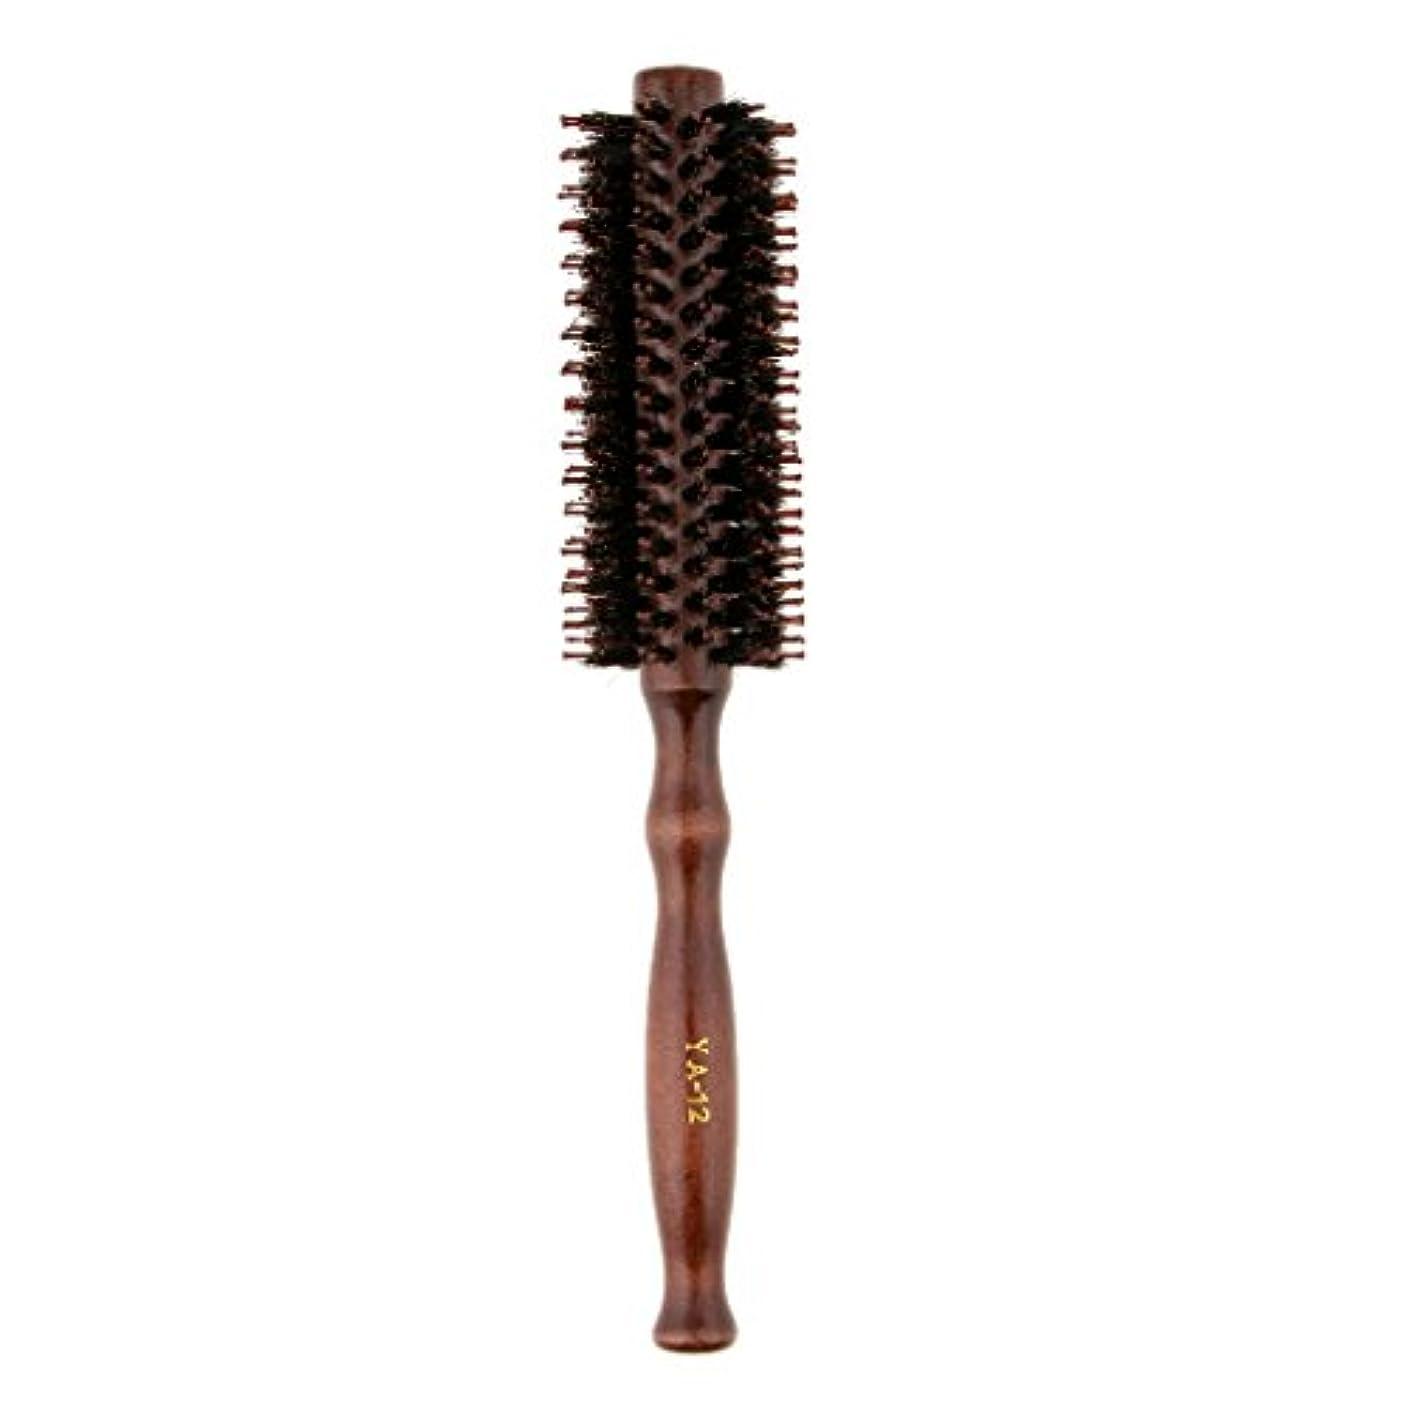 同種の飛ぶ書誌ロールブラシ ヘアブラシ 木製ハンドル 滑らか 仕上げ 速乾性 軽量 理髪 美容 カール 2タイプ選べる - #2